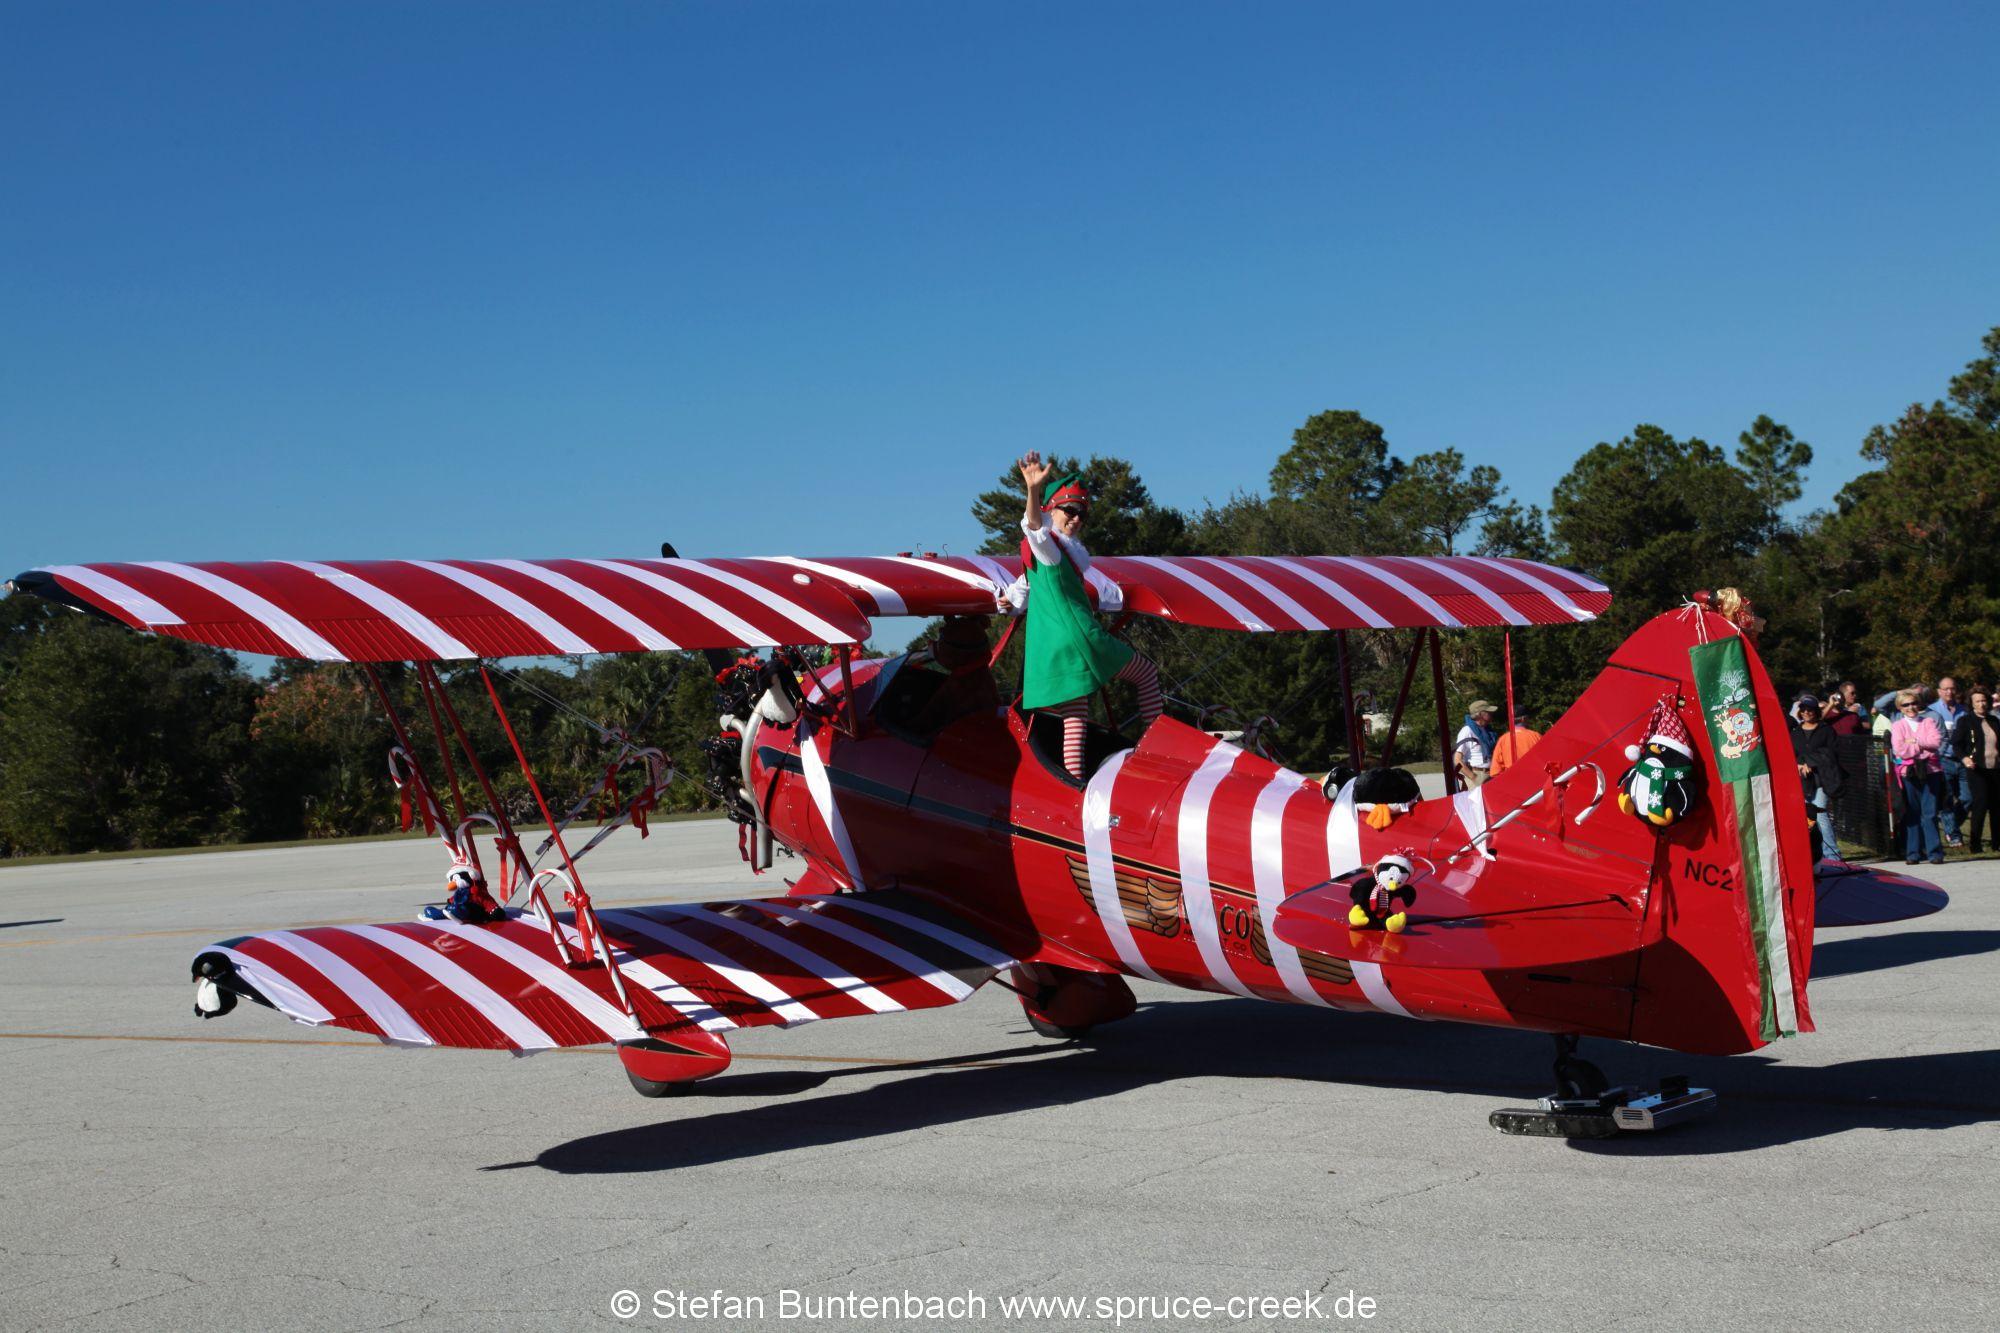 Doppeldecker mit Weihnachtsdekoration als Geschenk verpackt. -- Impressionen von der Spruce Creek Toyparade 2014 IMG_7509